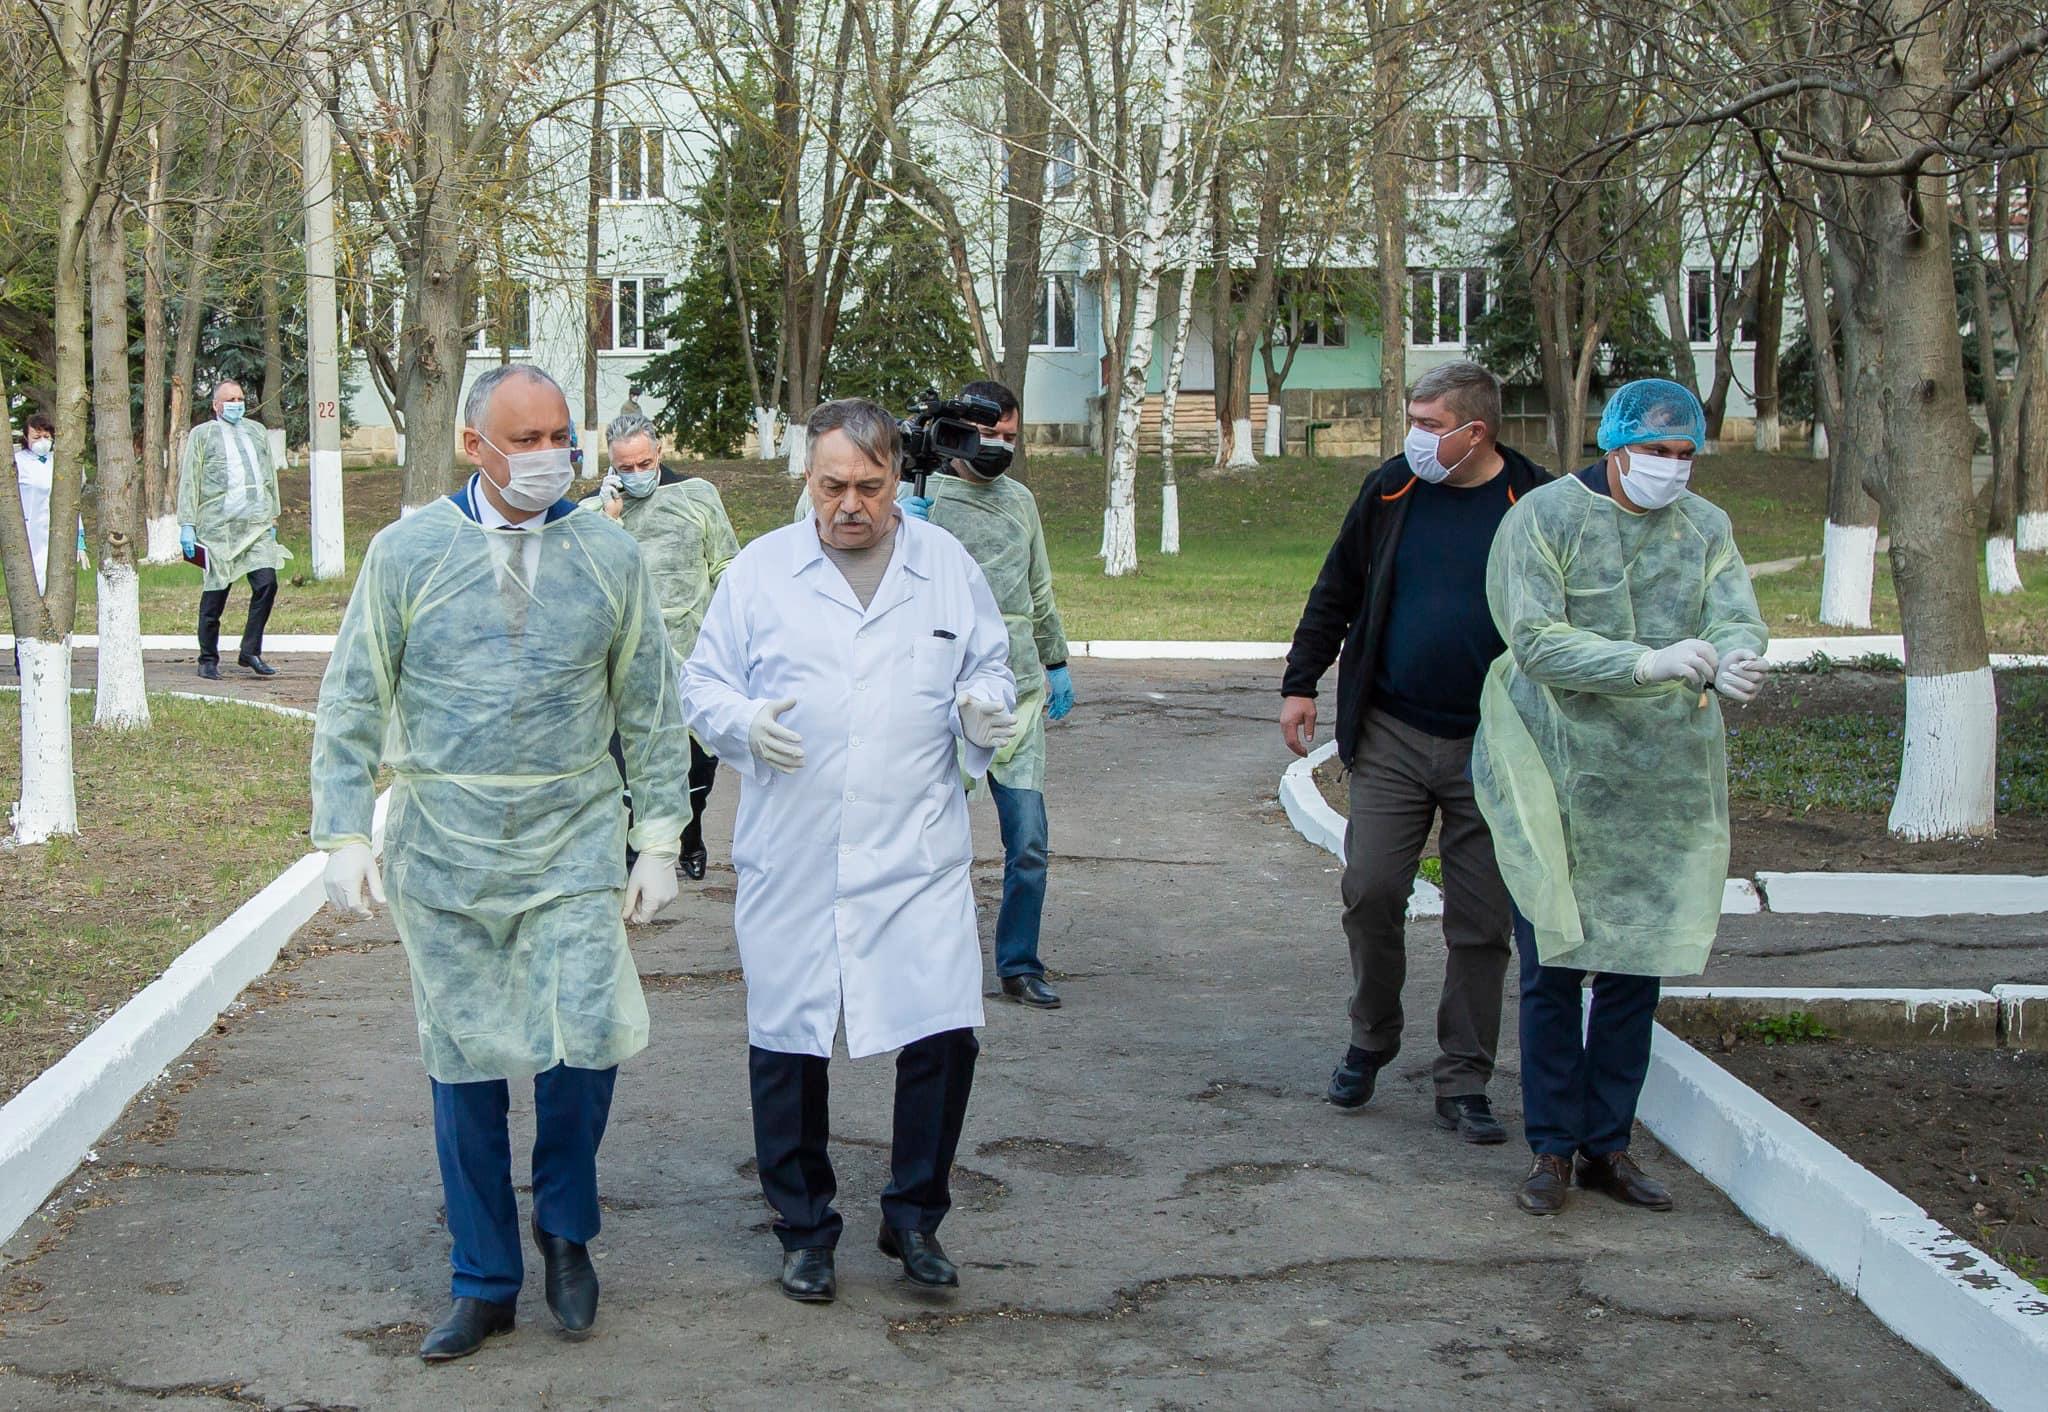 Президент: Нужно строго соблюдать ограничительные меры для недопущения дальнейшего распространения коронавируса (ФОТО, ВИДЕО)